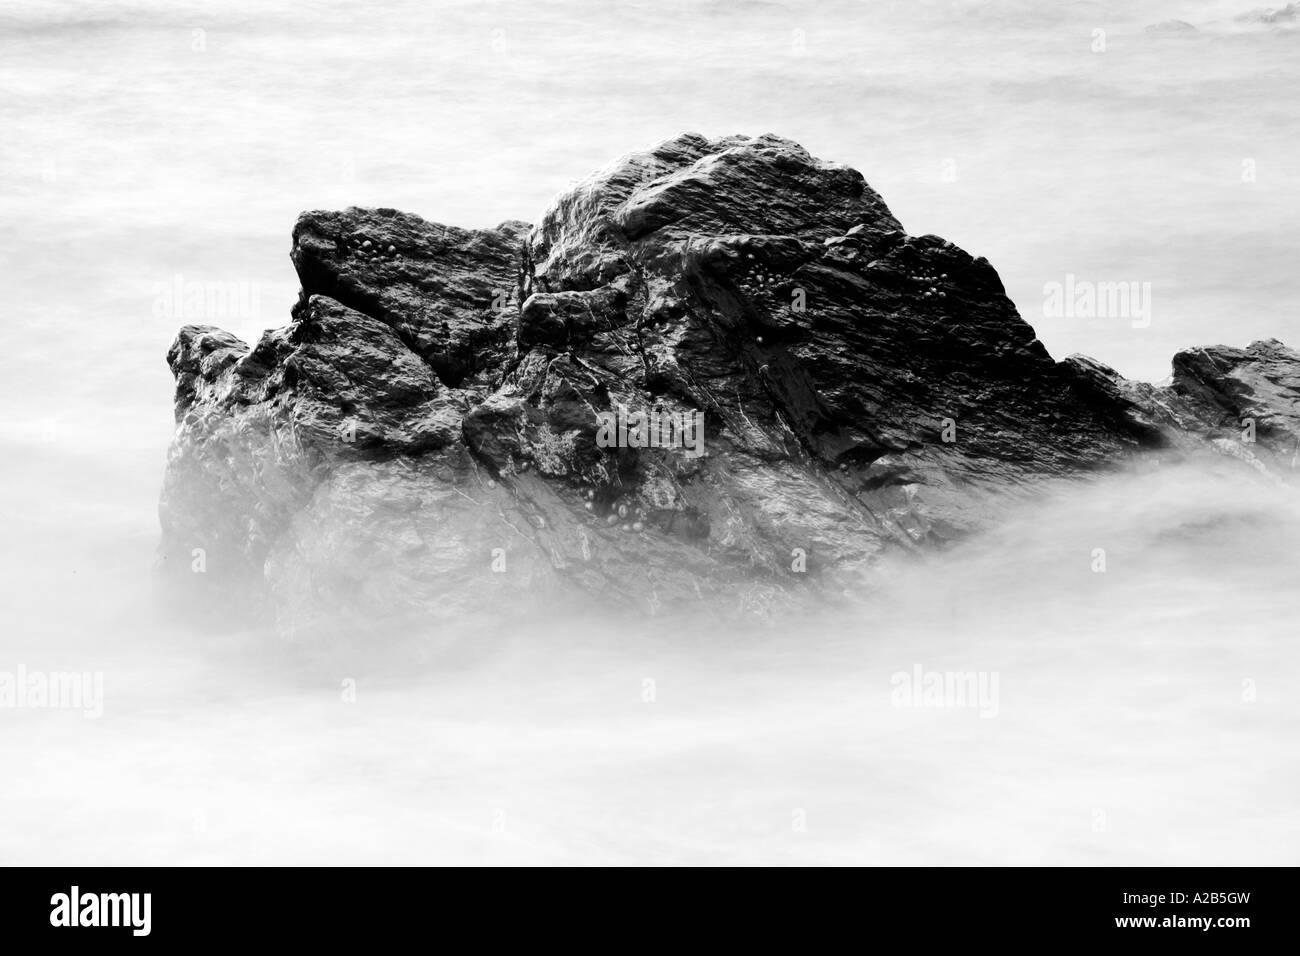 Monochrome noir et blanc d'un rocher baigné par les vagues de la côte de la mer Photo Stock